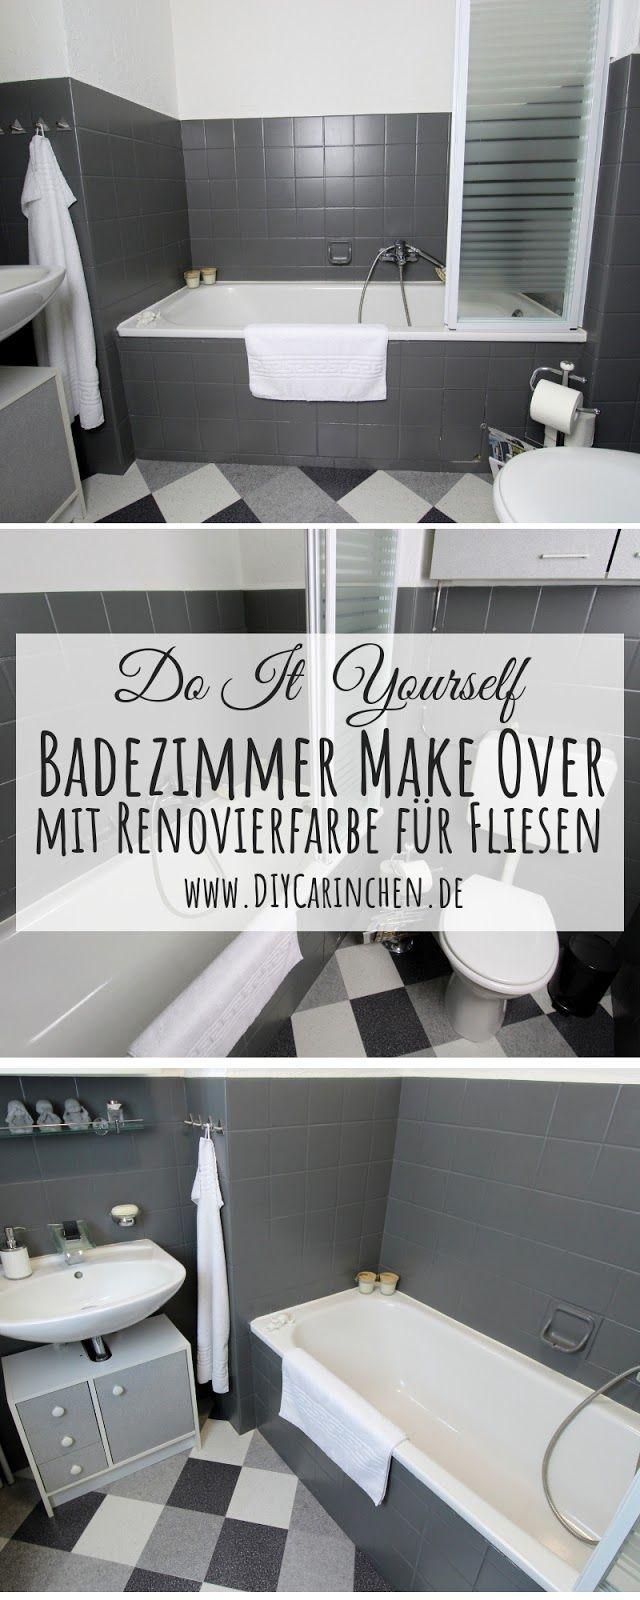 Diy Badezimmer Streichen Und Renovieren Mit Fliesenfarbe Badezimmer Renovieren Badezimmer Streichen Und Renovieren